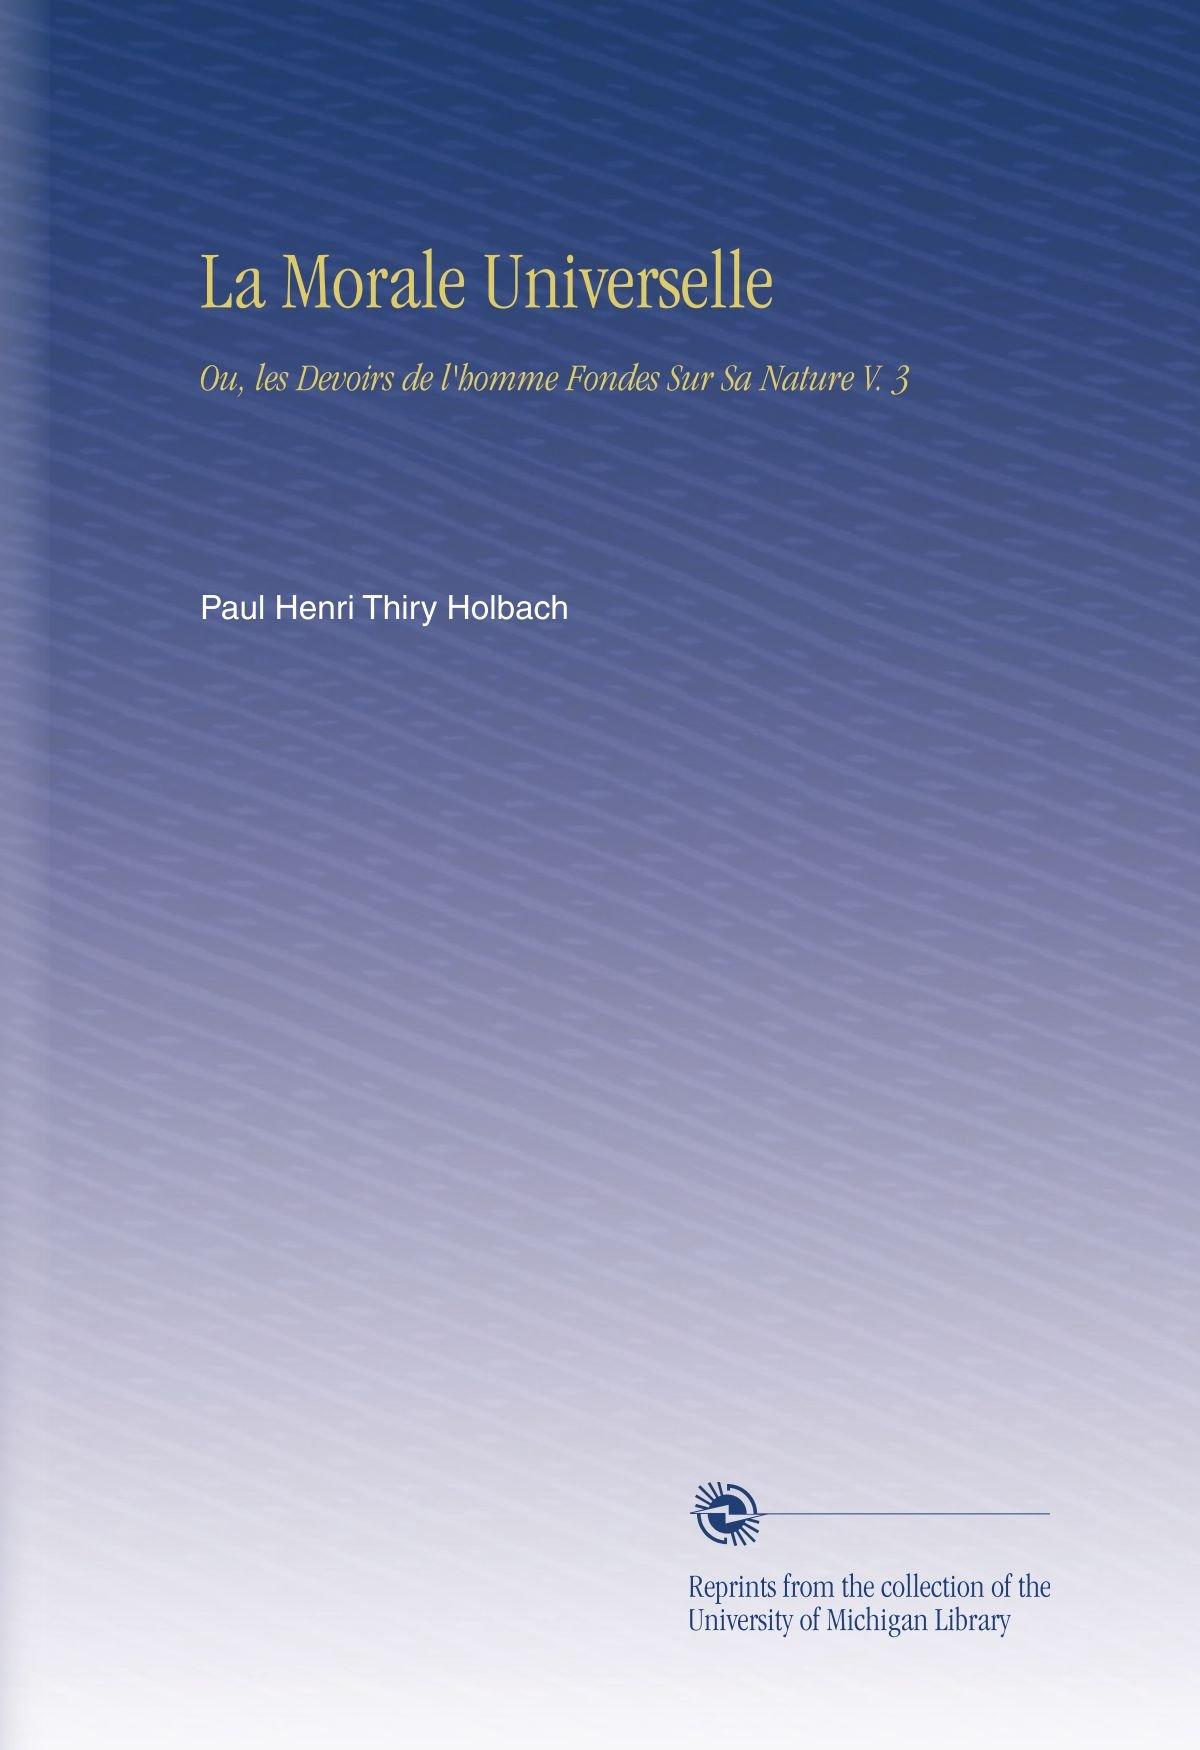 Download La Morale Universelle: Ou, les Devoirs de l'homme Fondes Sur Sa Nature V.  3 (French Edition) ebook